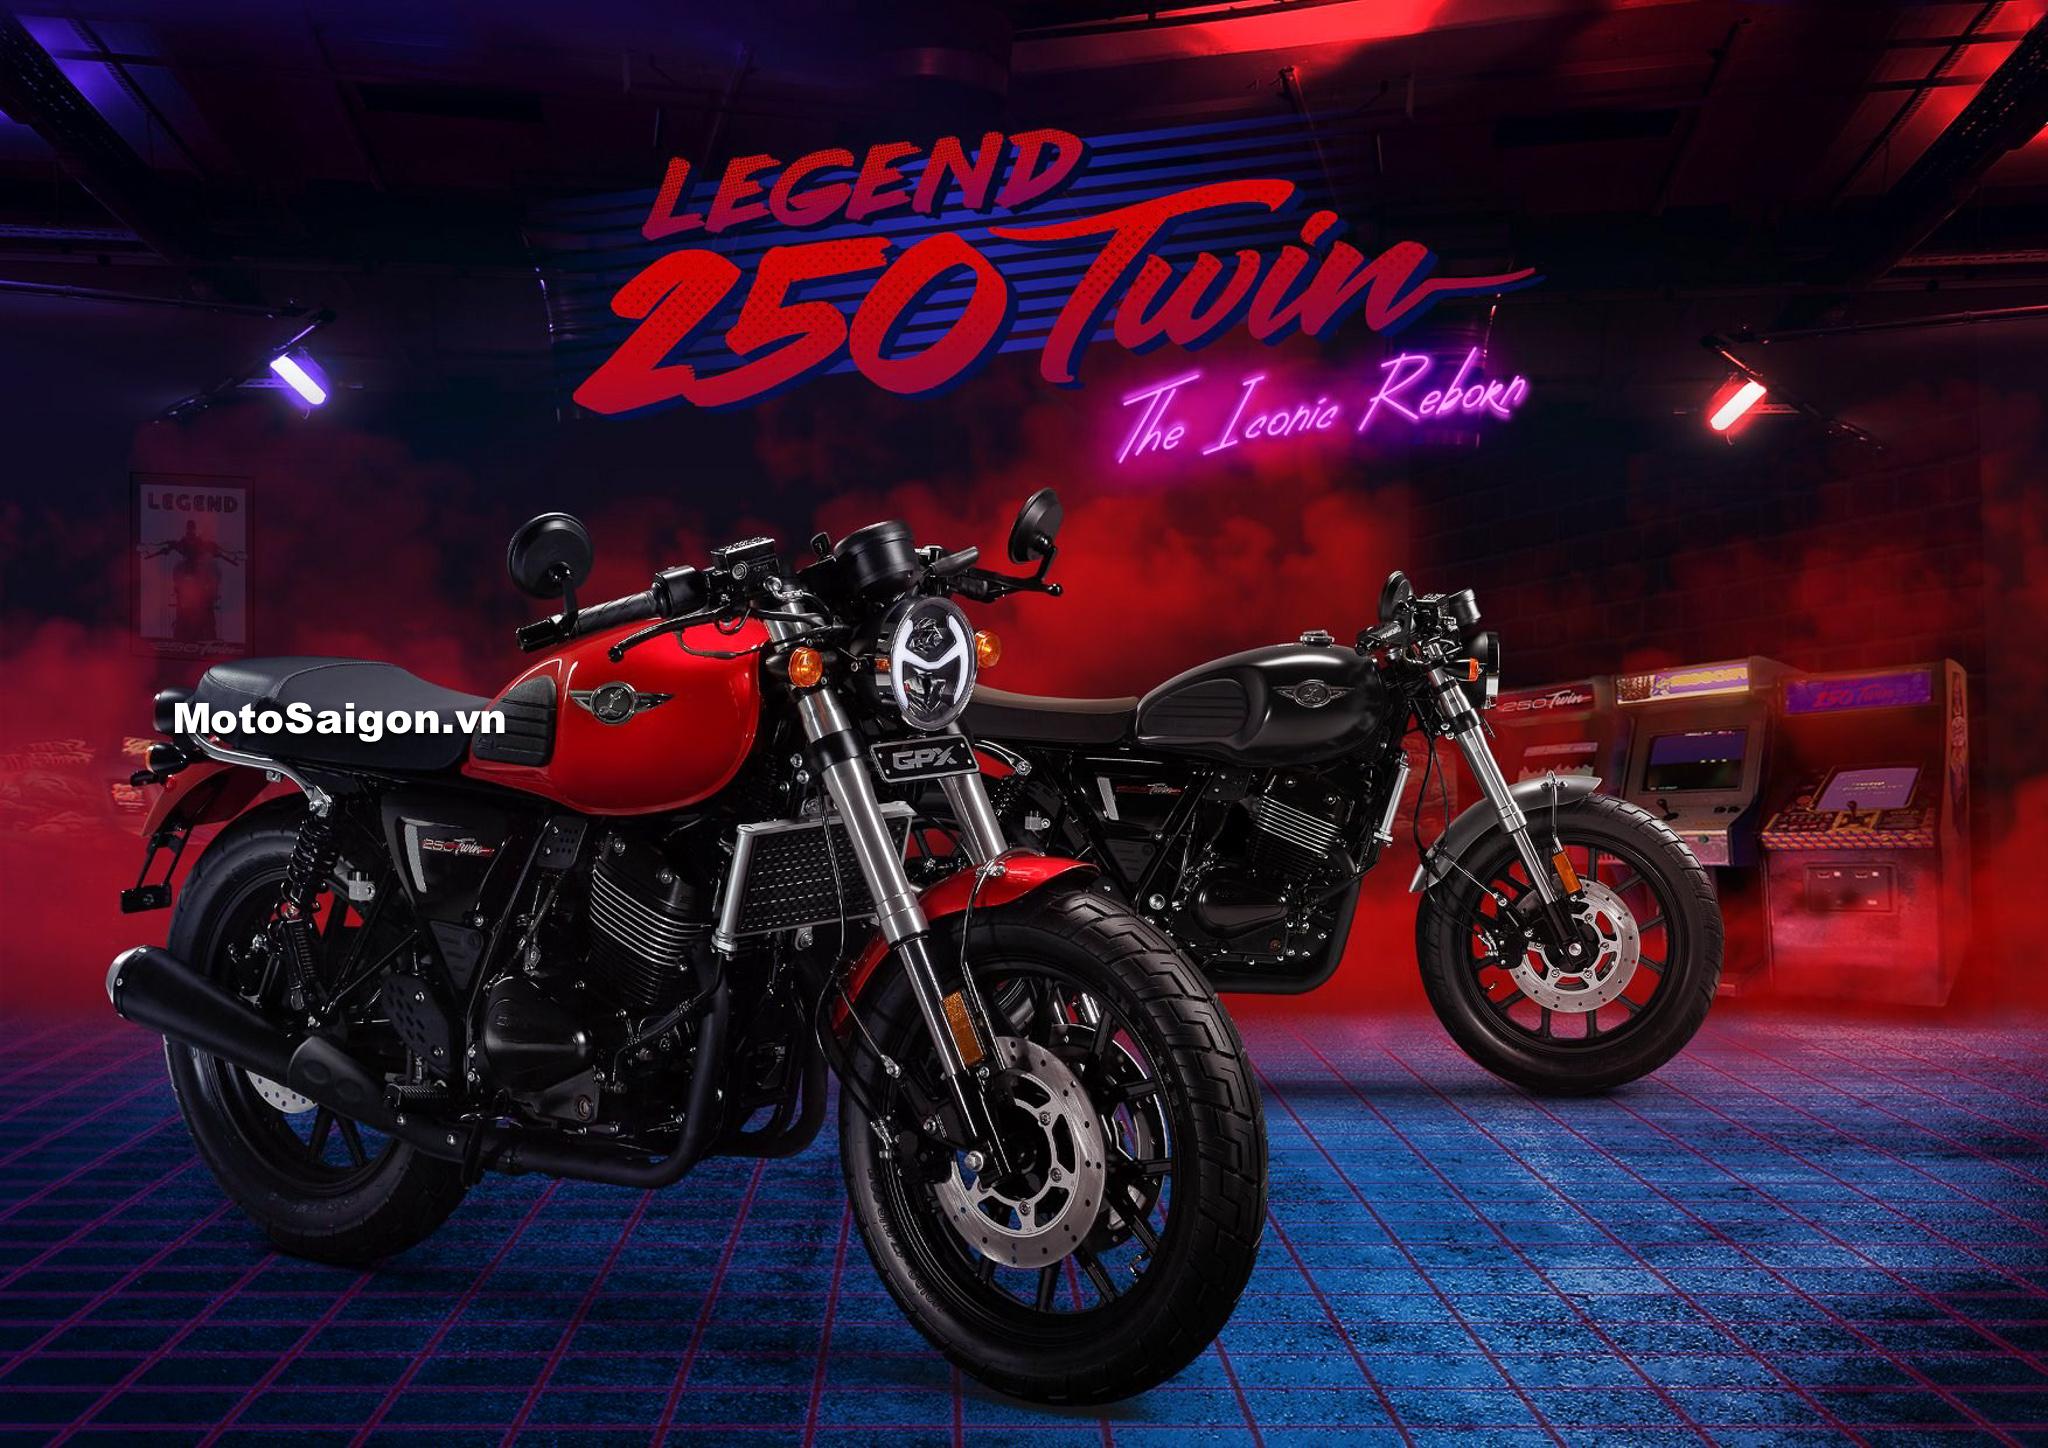 Giá bán GPX Legend 250 Twin động cơ 2 xilanh đã được công bố